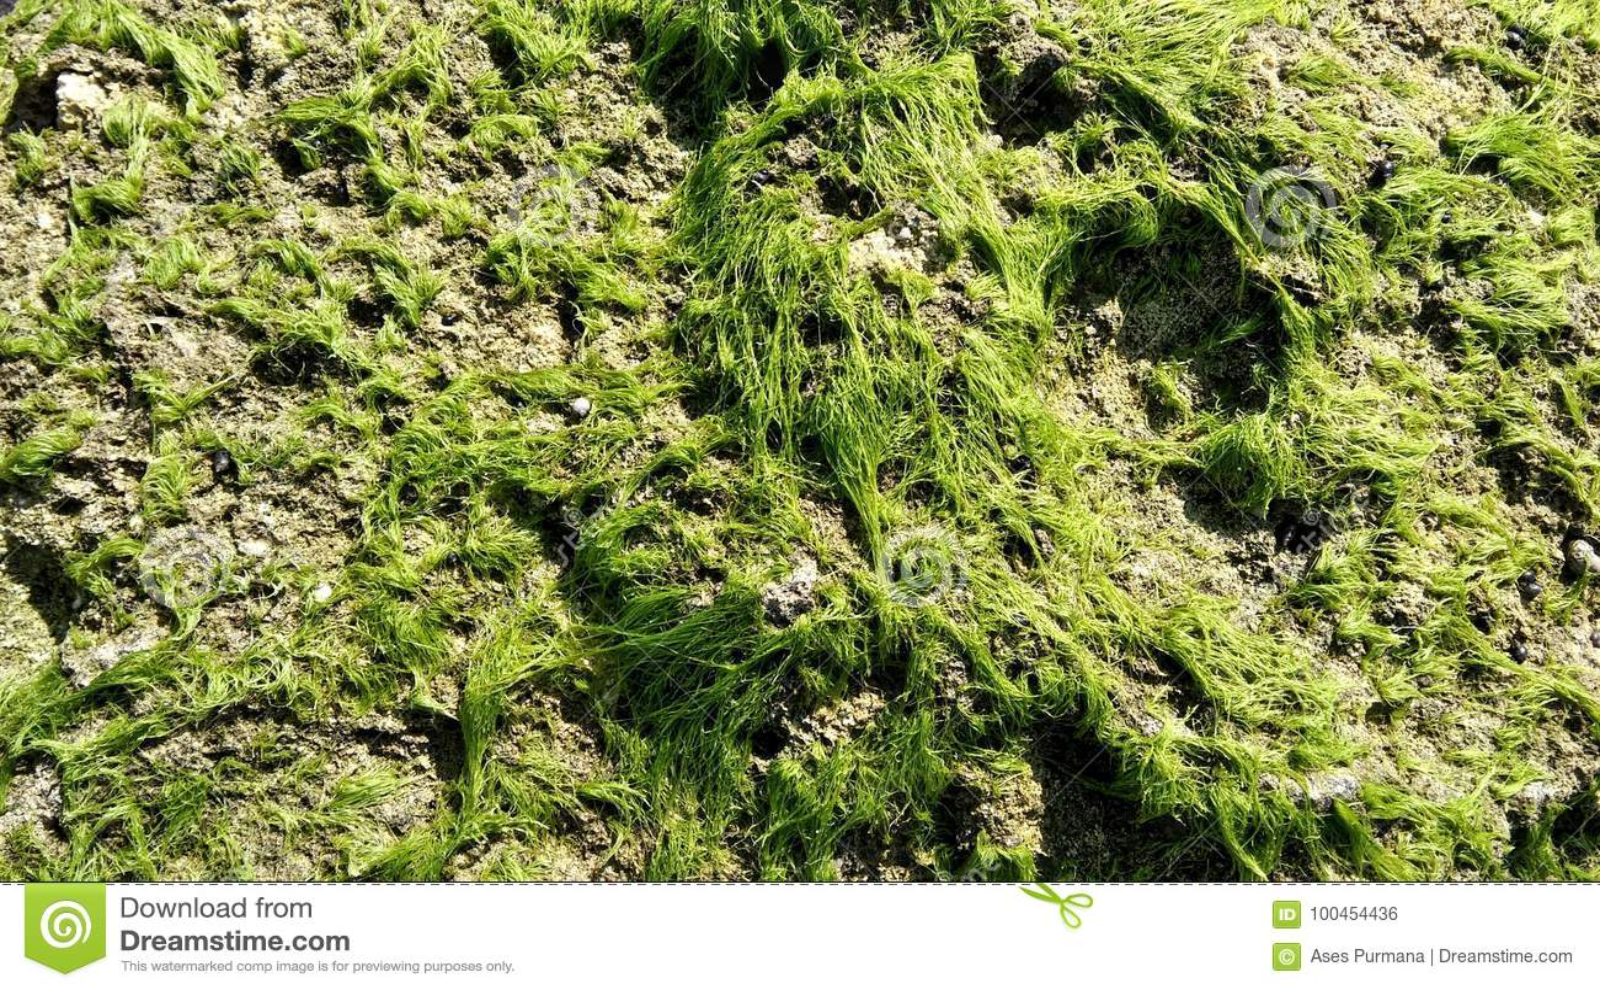 Groen onkruid